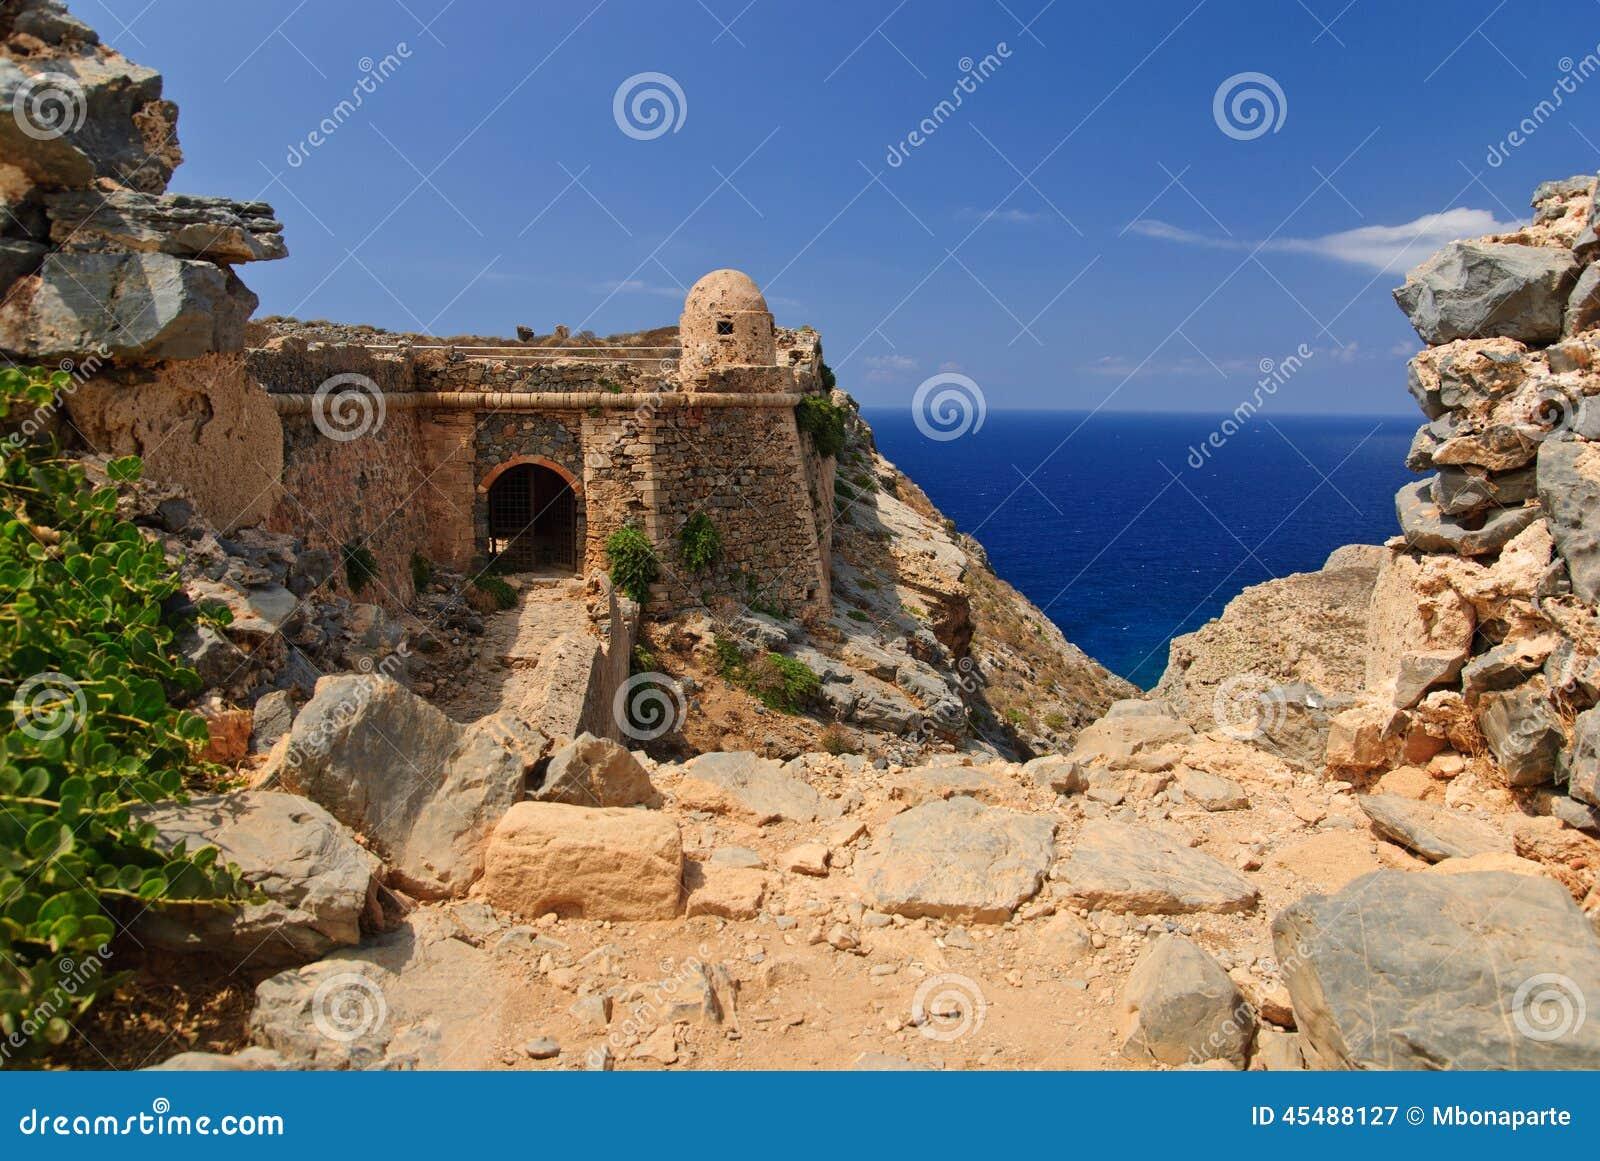 格拉姆武萨群岛海岛的,克利特,希腊威尼斯式堡垒